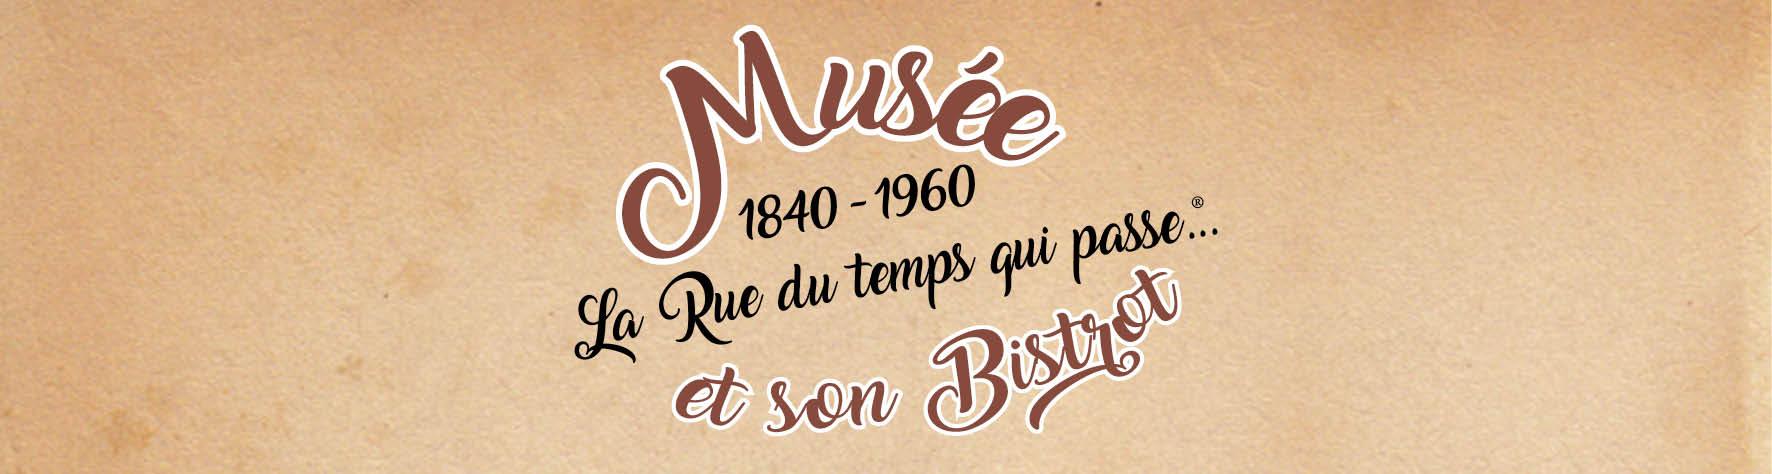 Musée La Rue du Temps qui passe...